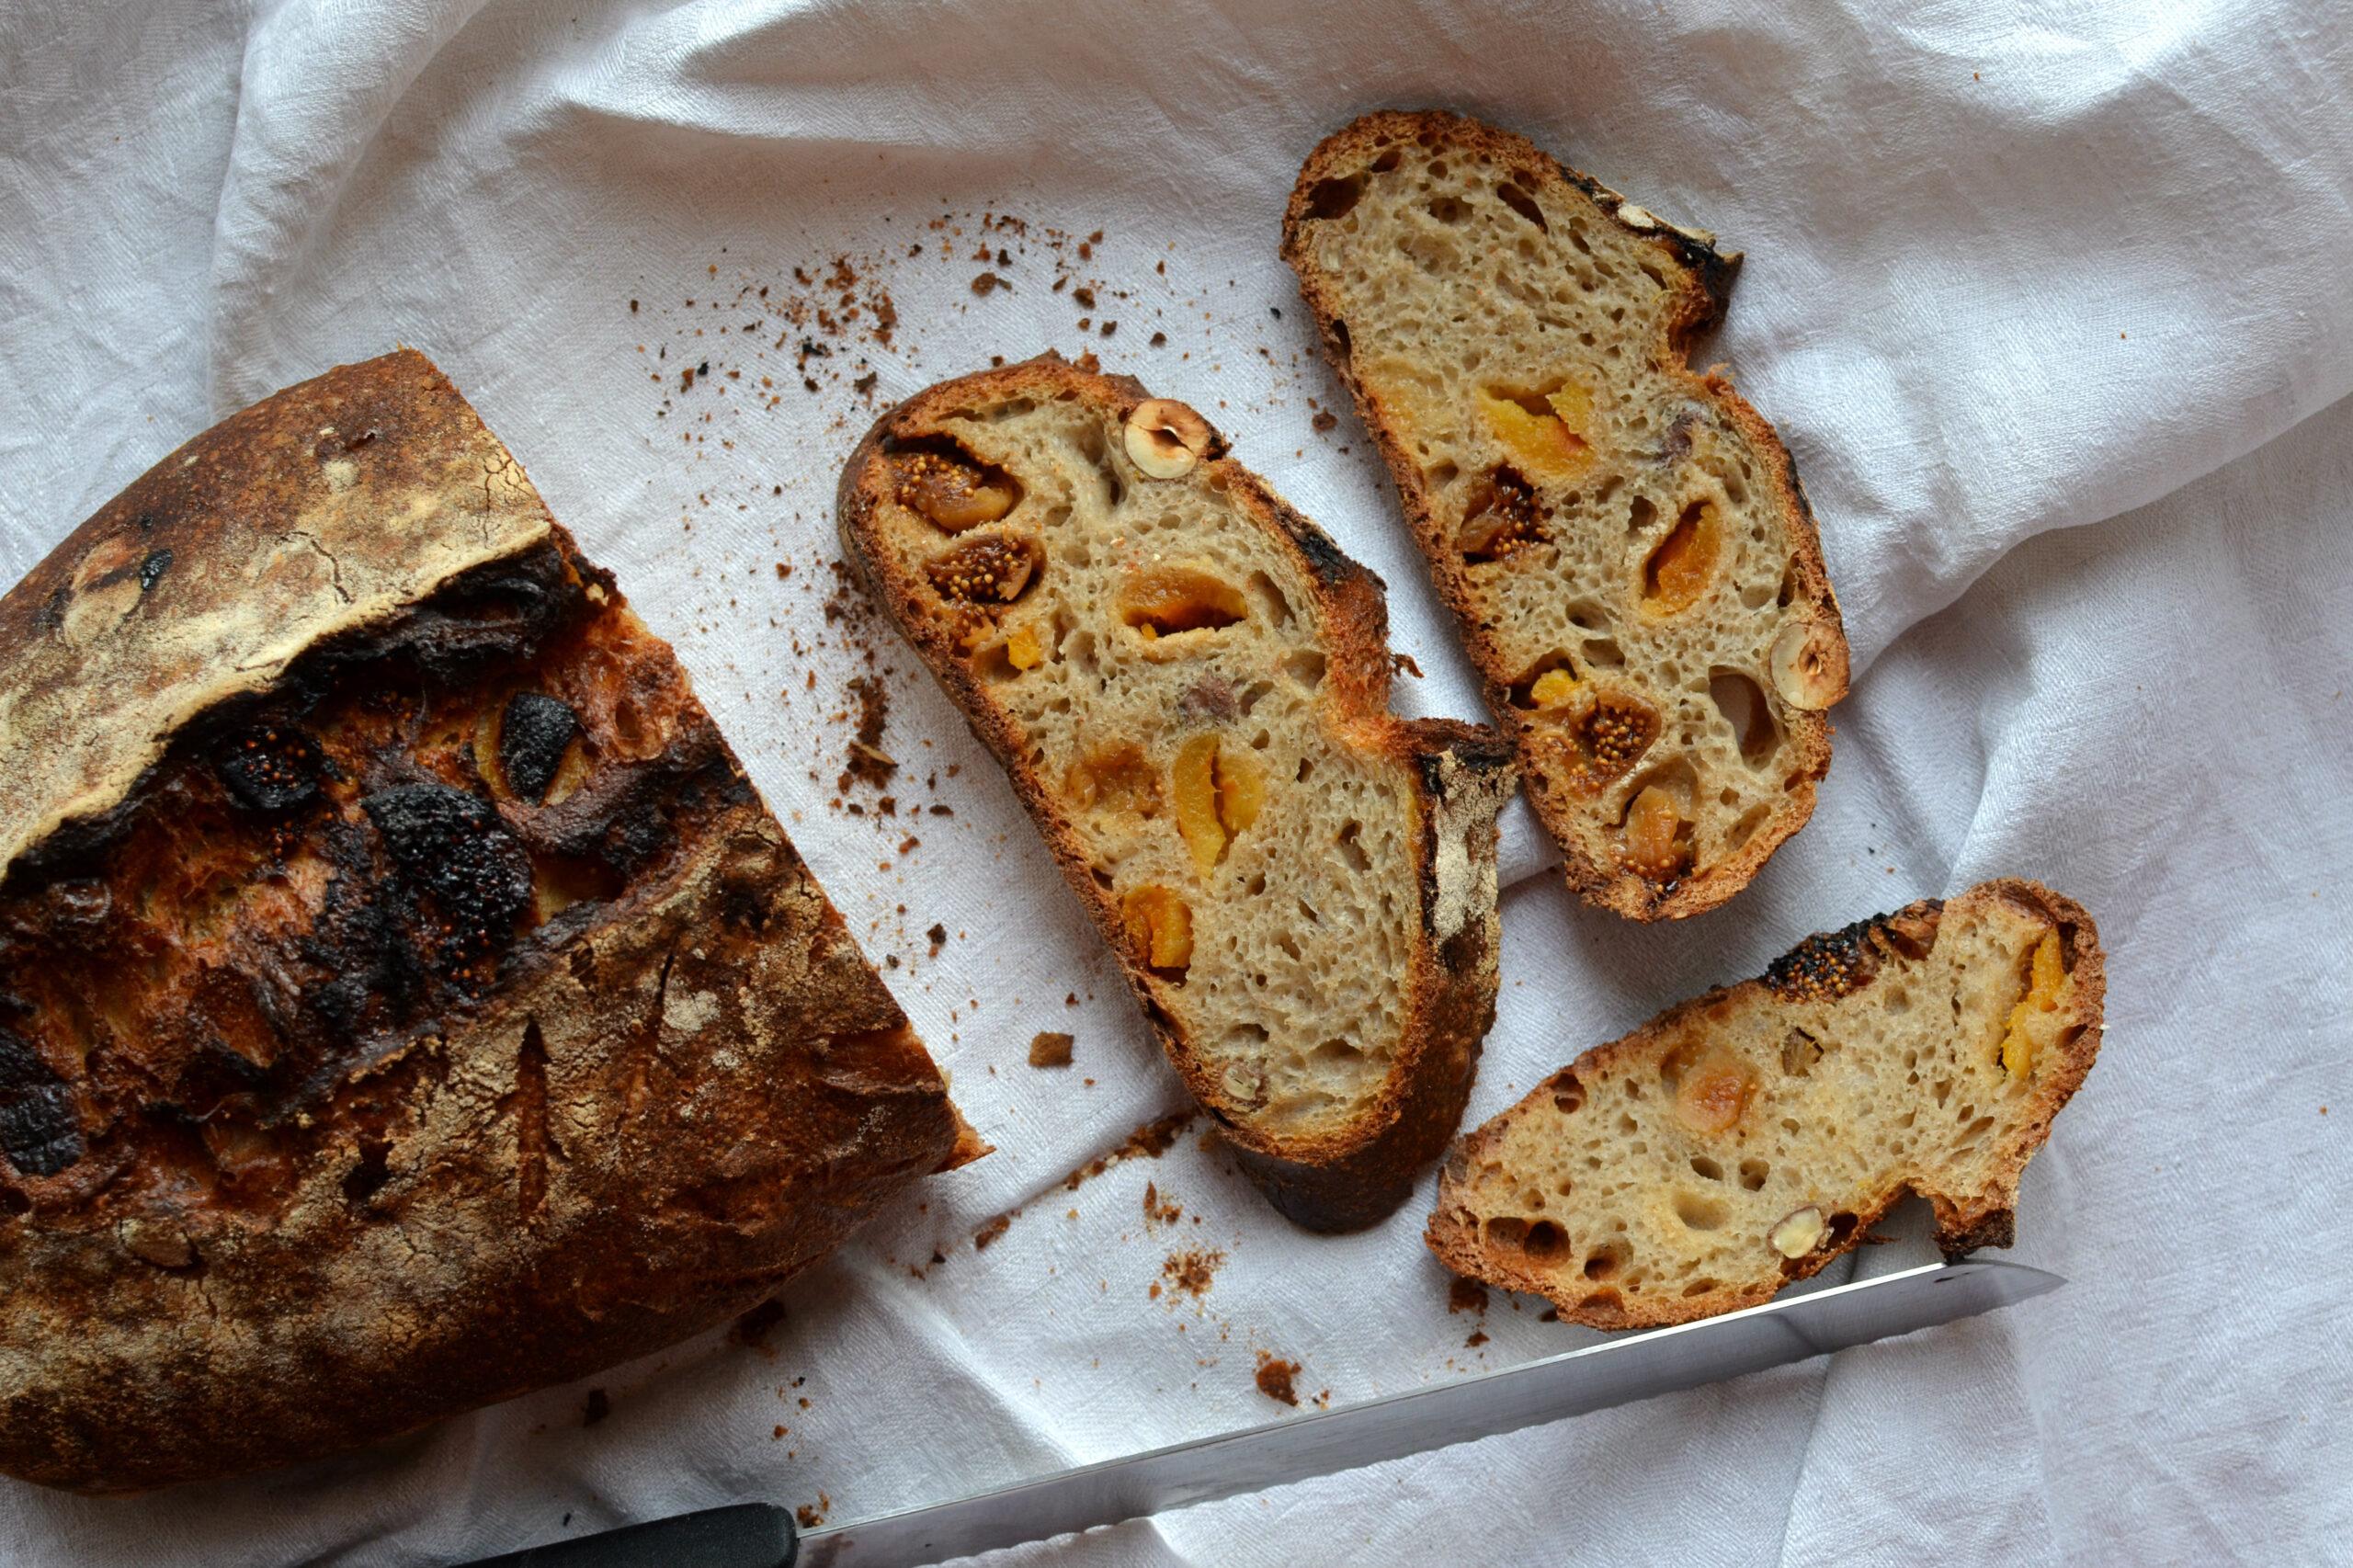 Pšeničný kvasový chléb s meruňkami, fíky a lískovými ořechy